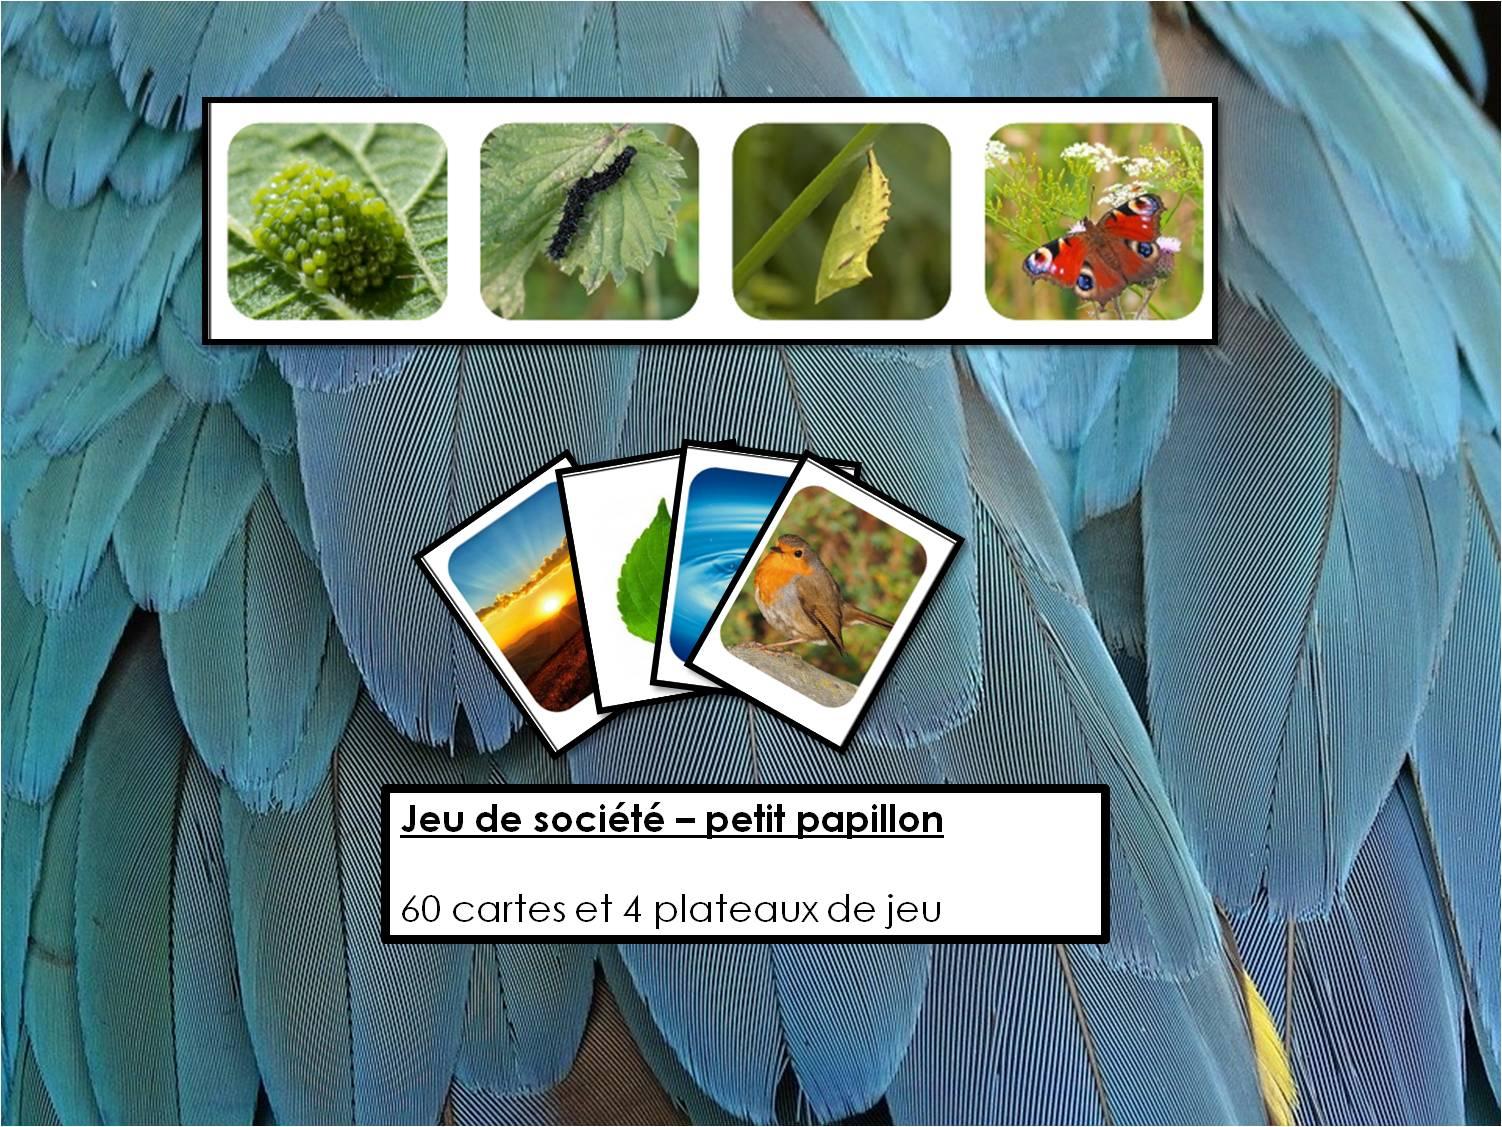 Jeu De Société : Petit Papillon encequiconcerne Papillon Jeu